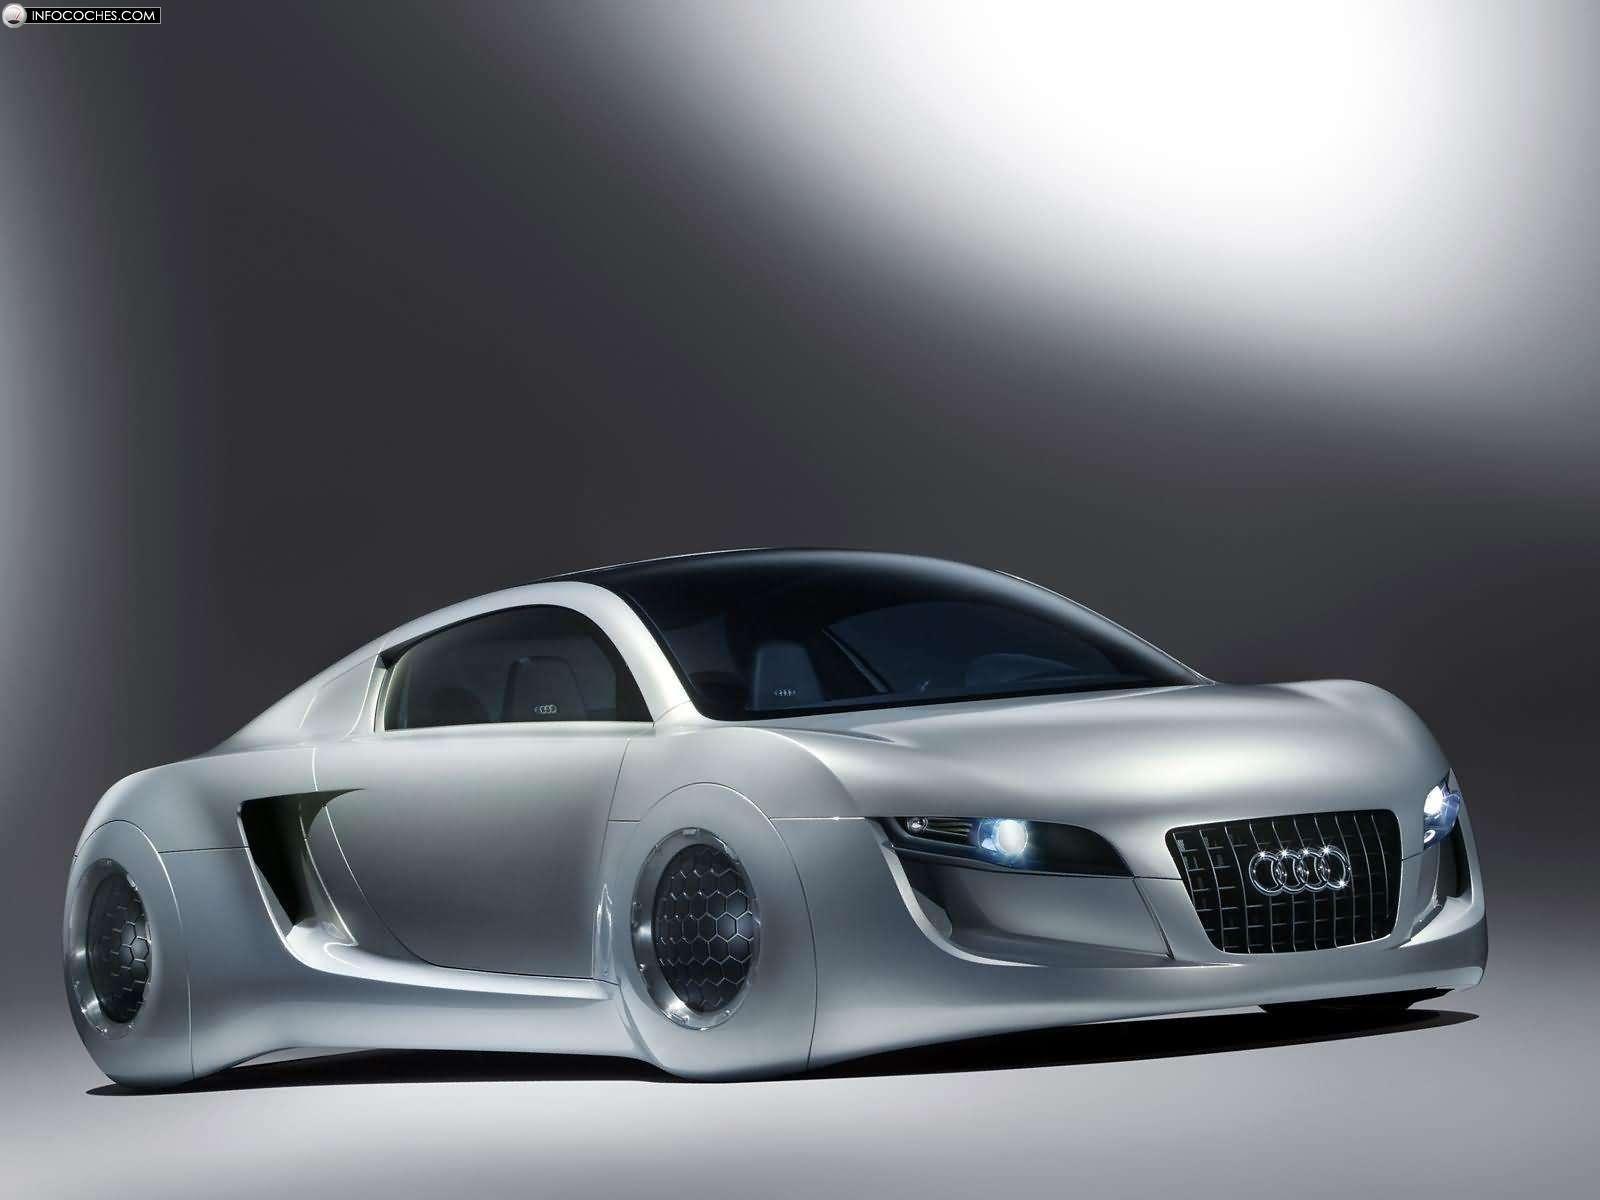 Fotos del Audi RSQ Concept 9 12 Autos Pinterest